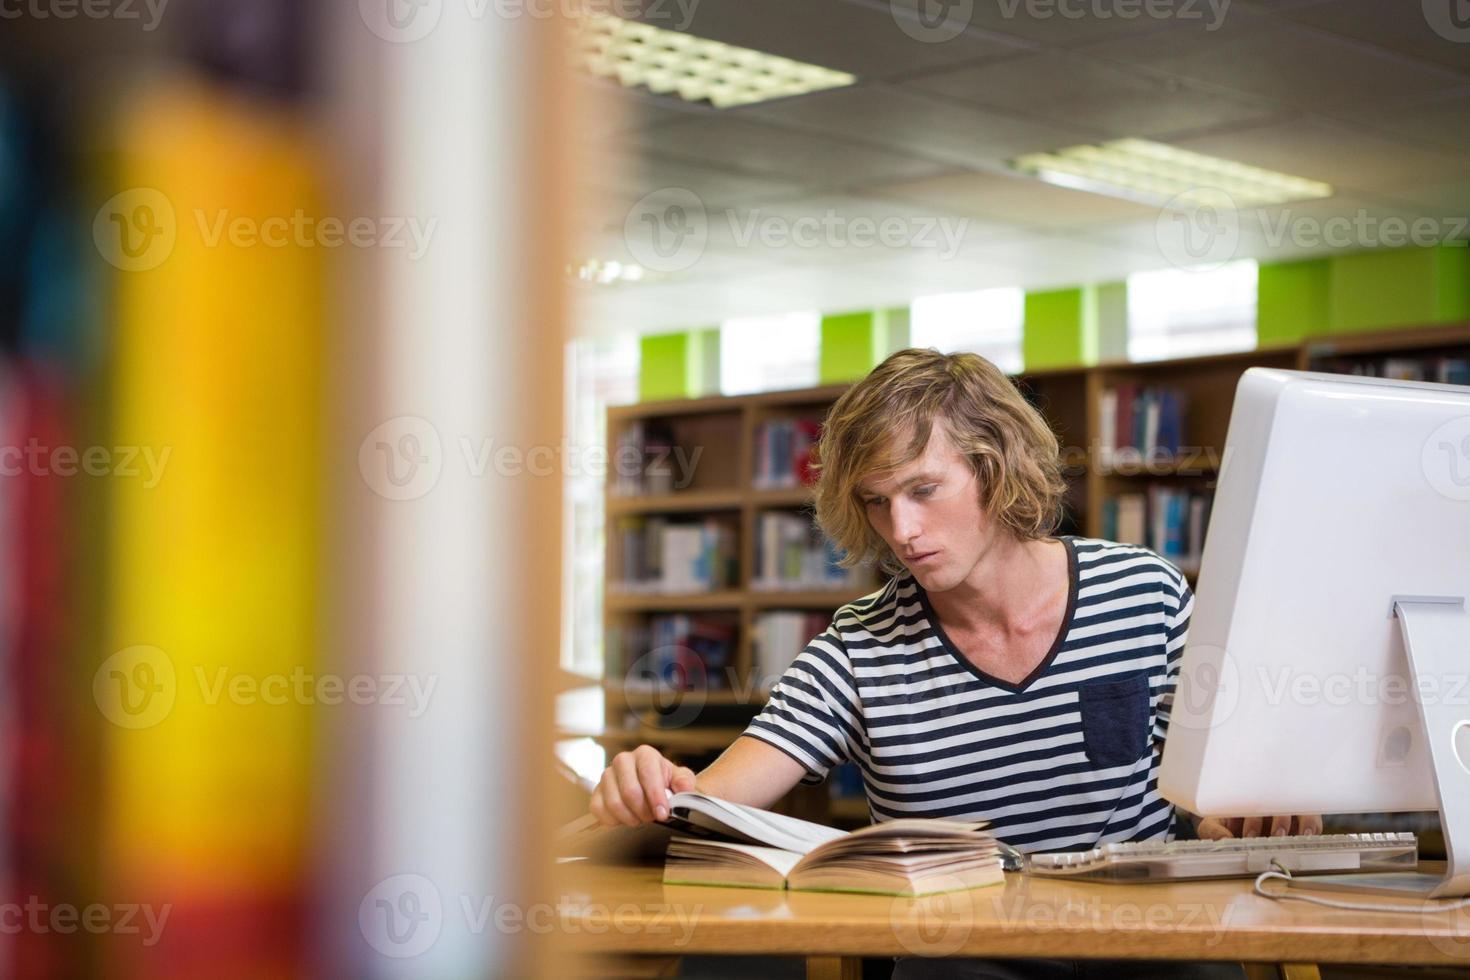 Student studiert in der Bibliothek mit Computer foto